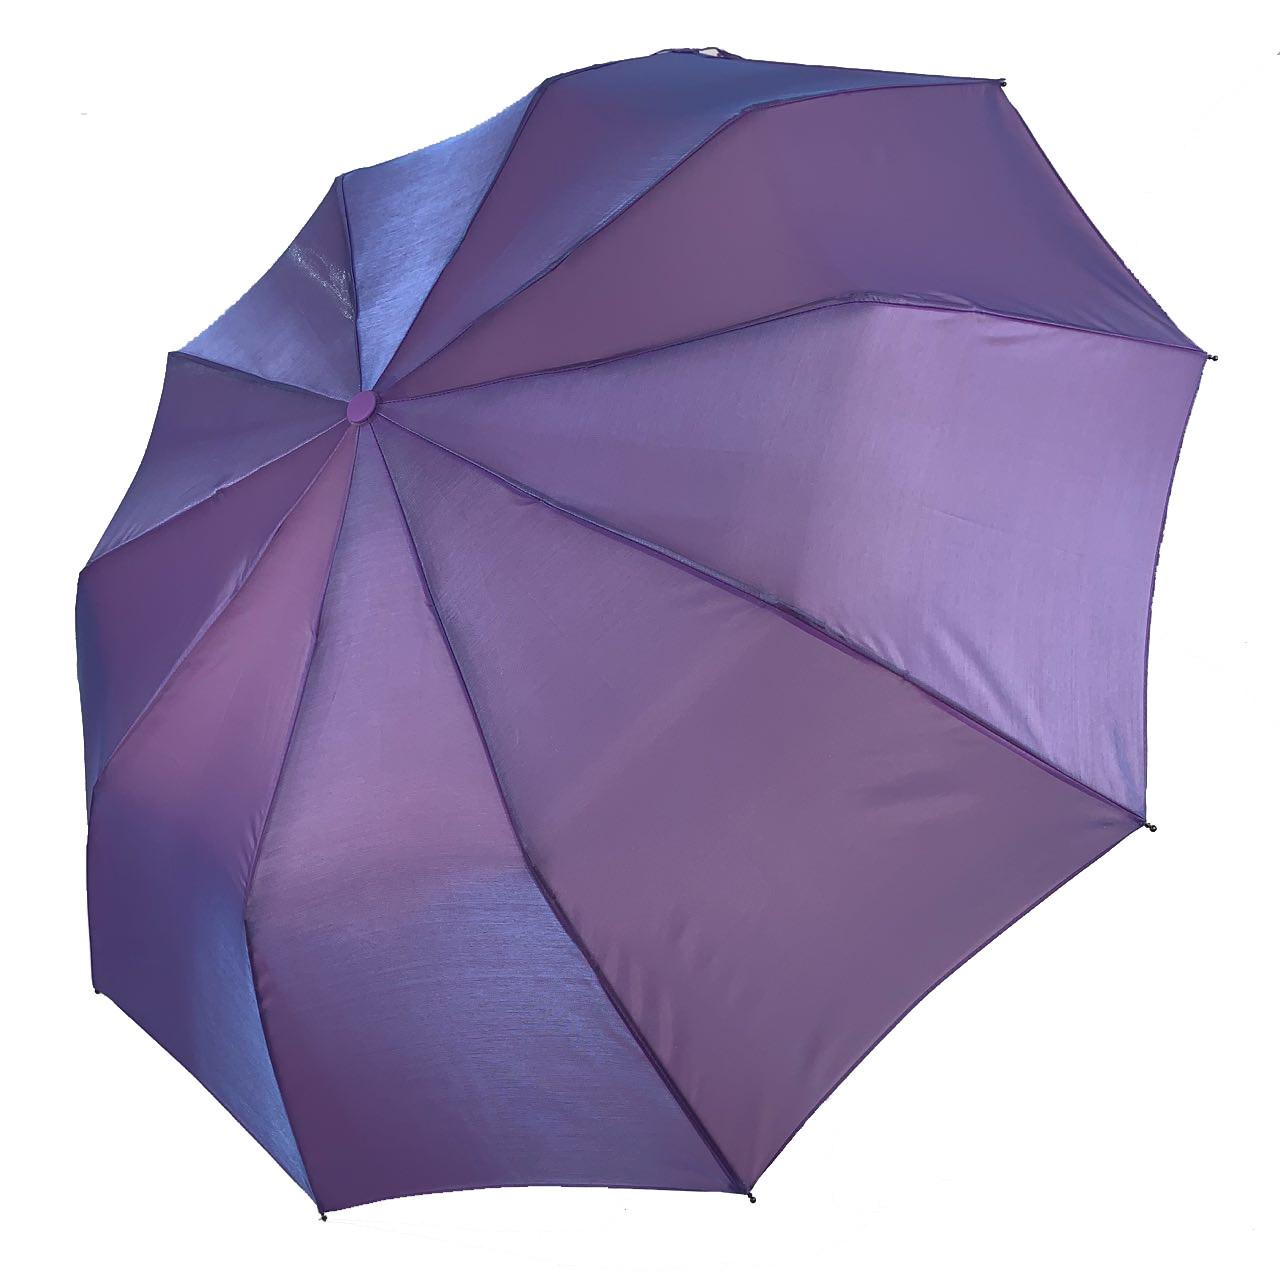 Женский зонт-полуавтомат Bellissimo хамелеон, фиолетовый,  SL1094-5